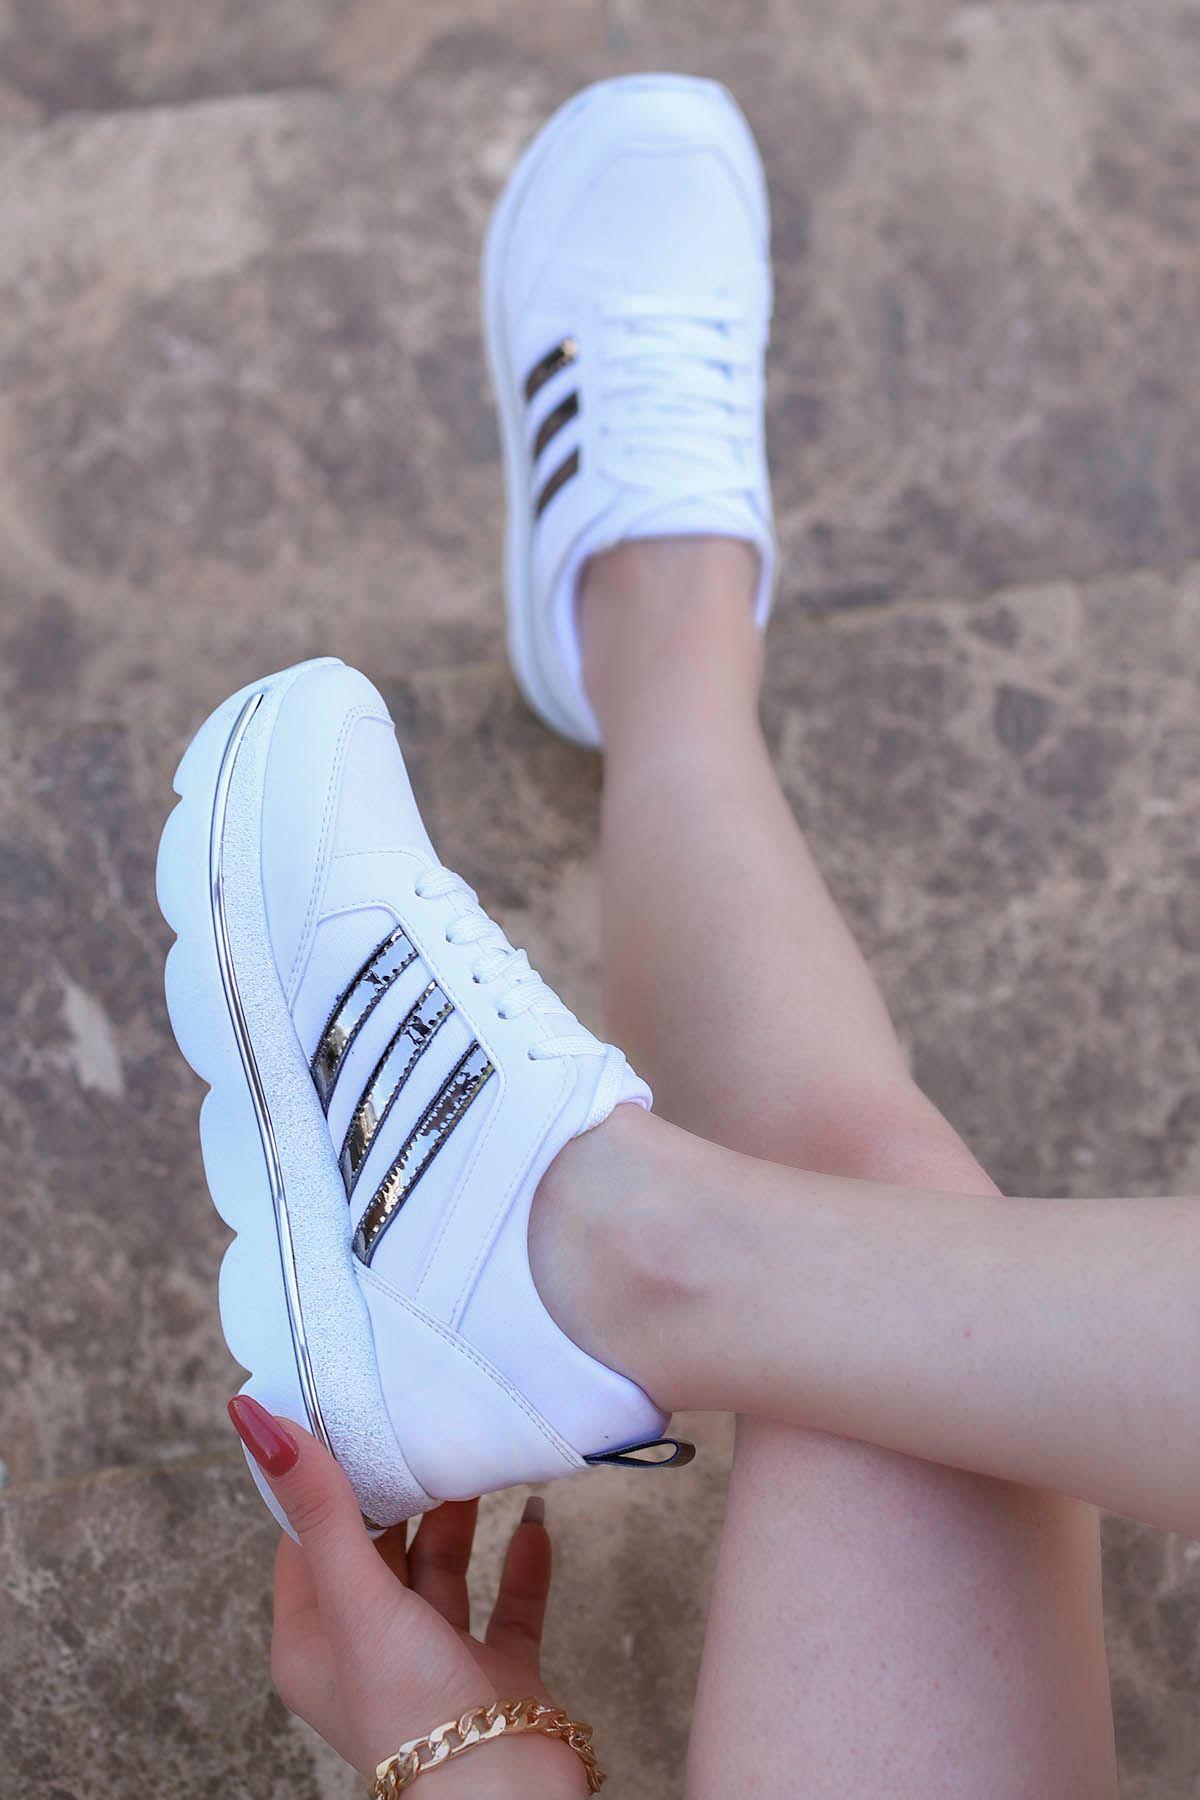 Velvet Beyaz Bağlı Dolgu Spor